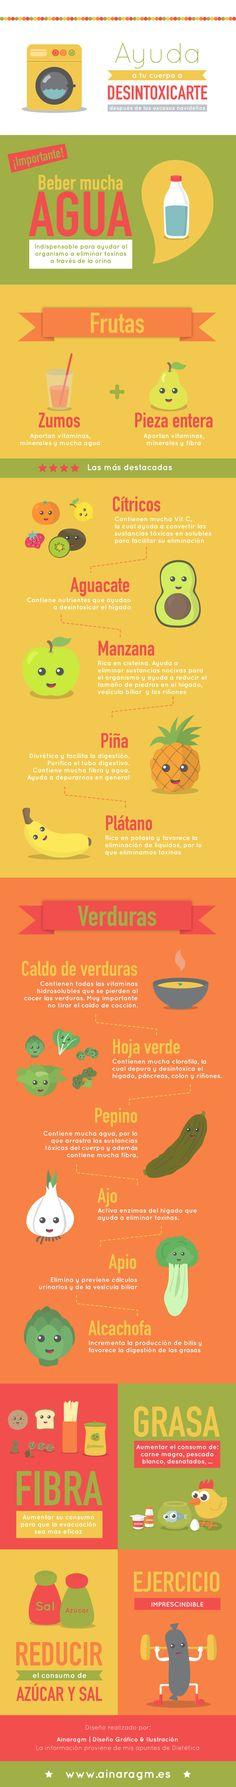 Infografía sobre una dieta de desintoxicación #alimentacion #dieta #desintoxicacion